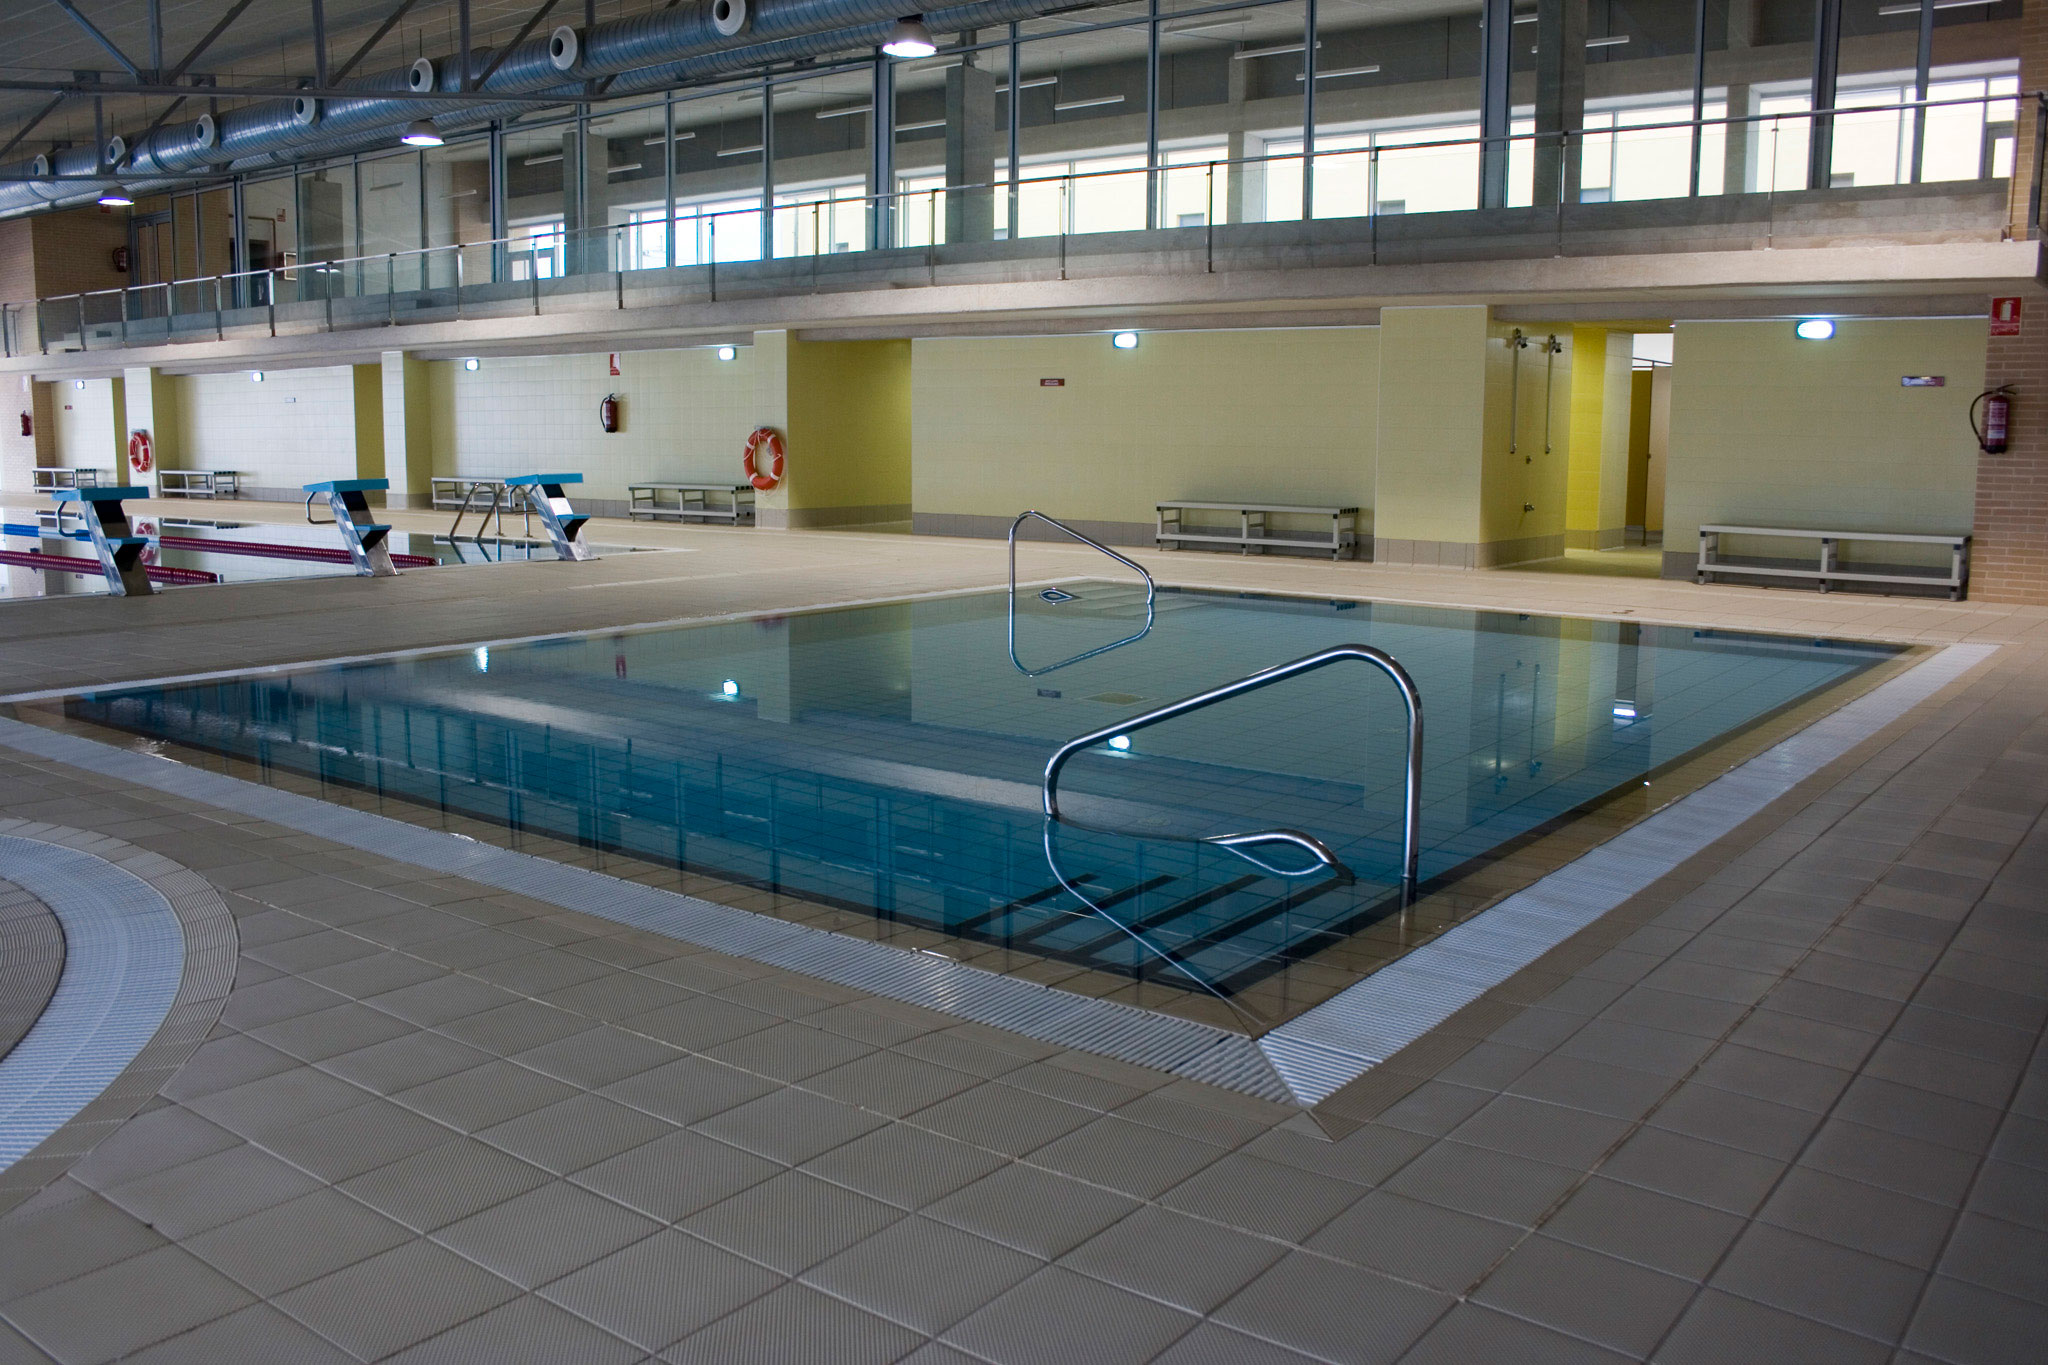 piscina municipal benicassim instalacines piscinas ForPiscina Benicassim